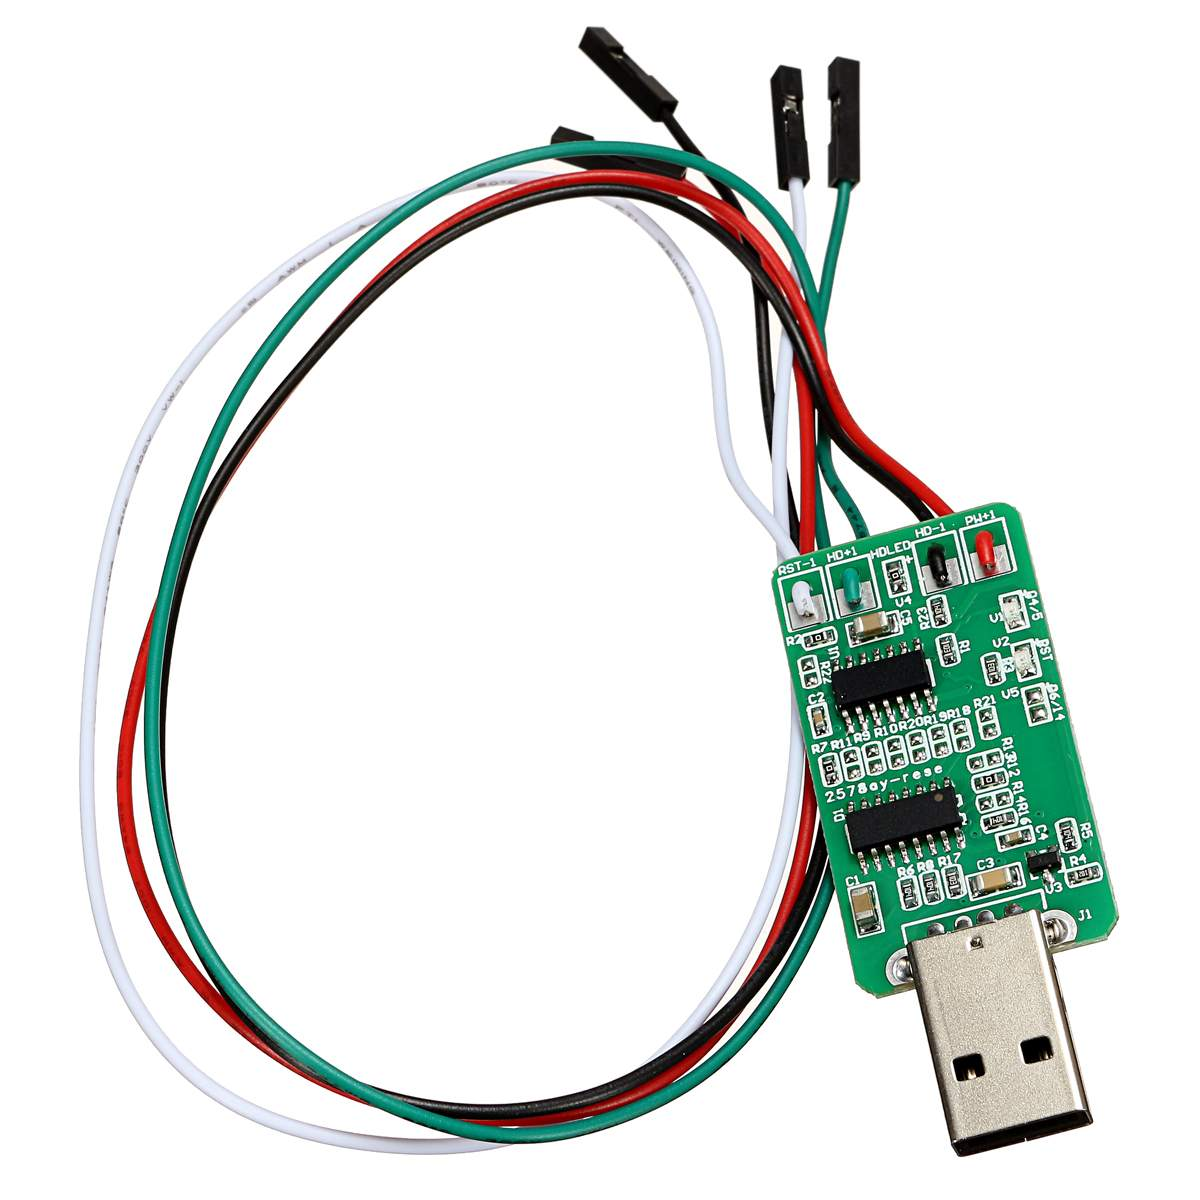 USB Watchdog компьютер автоматический перезапуск синий экран Майнинг игры сервер BTC Майнер автовосстановление для настольного ПК